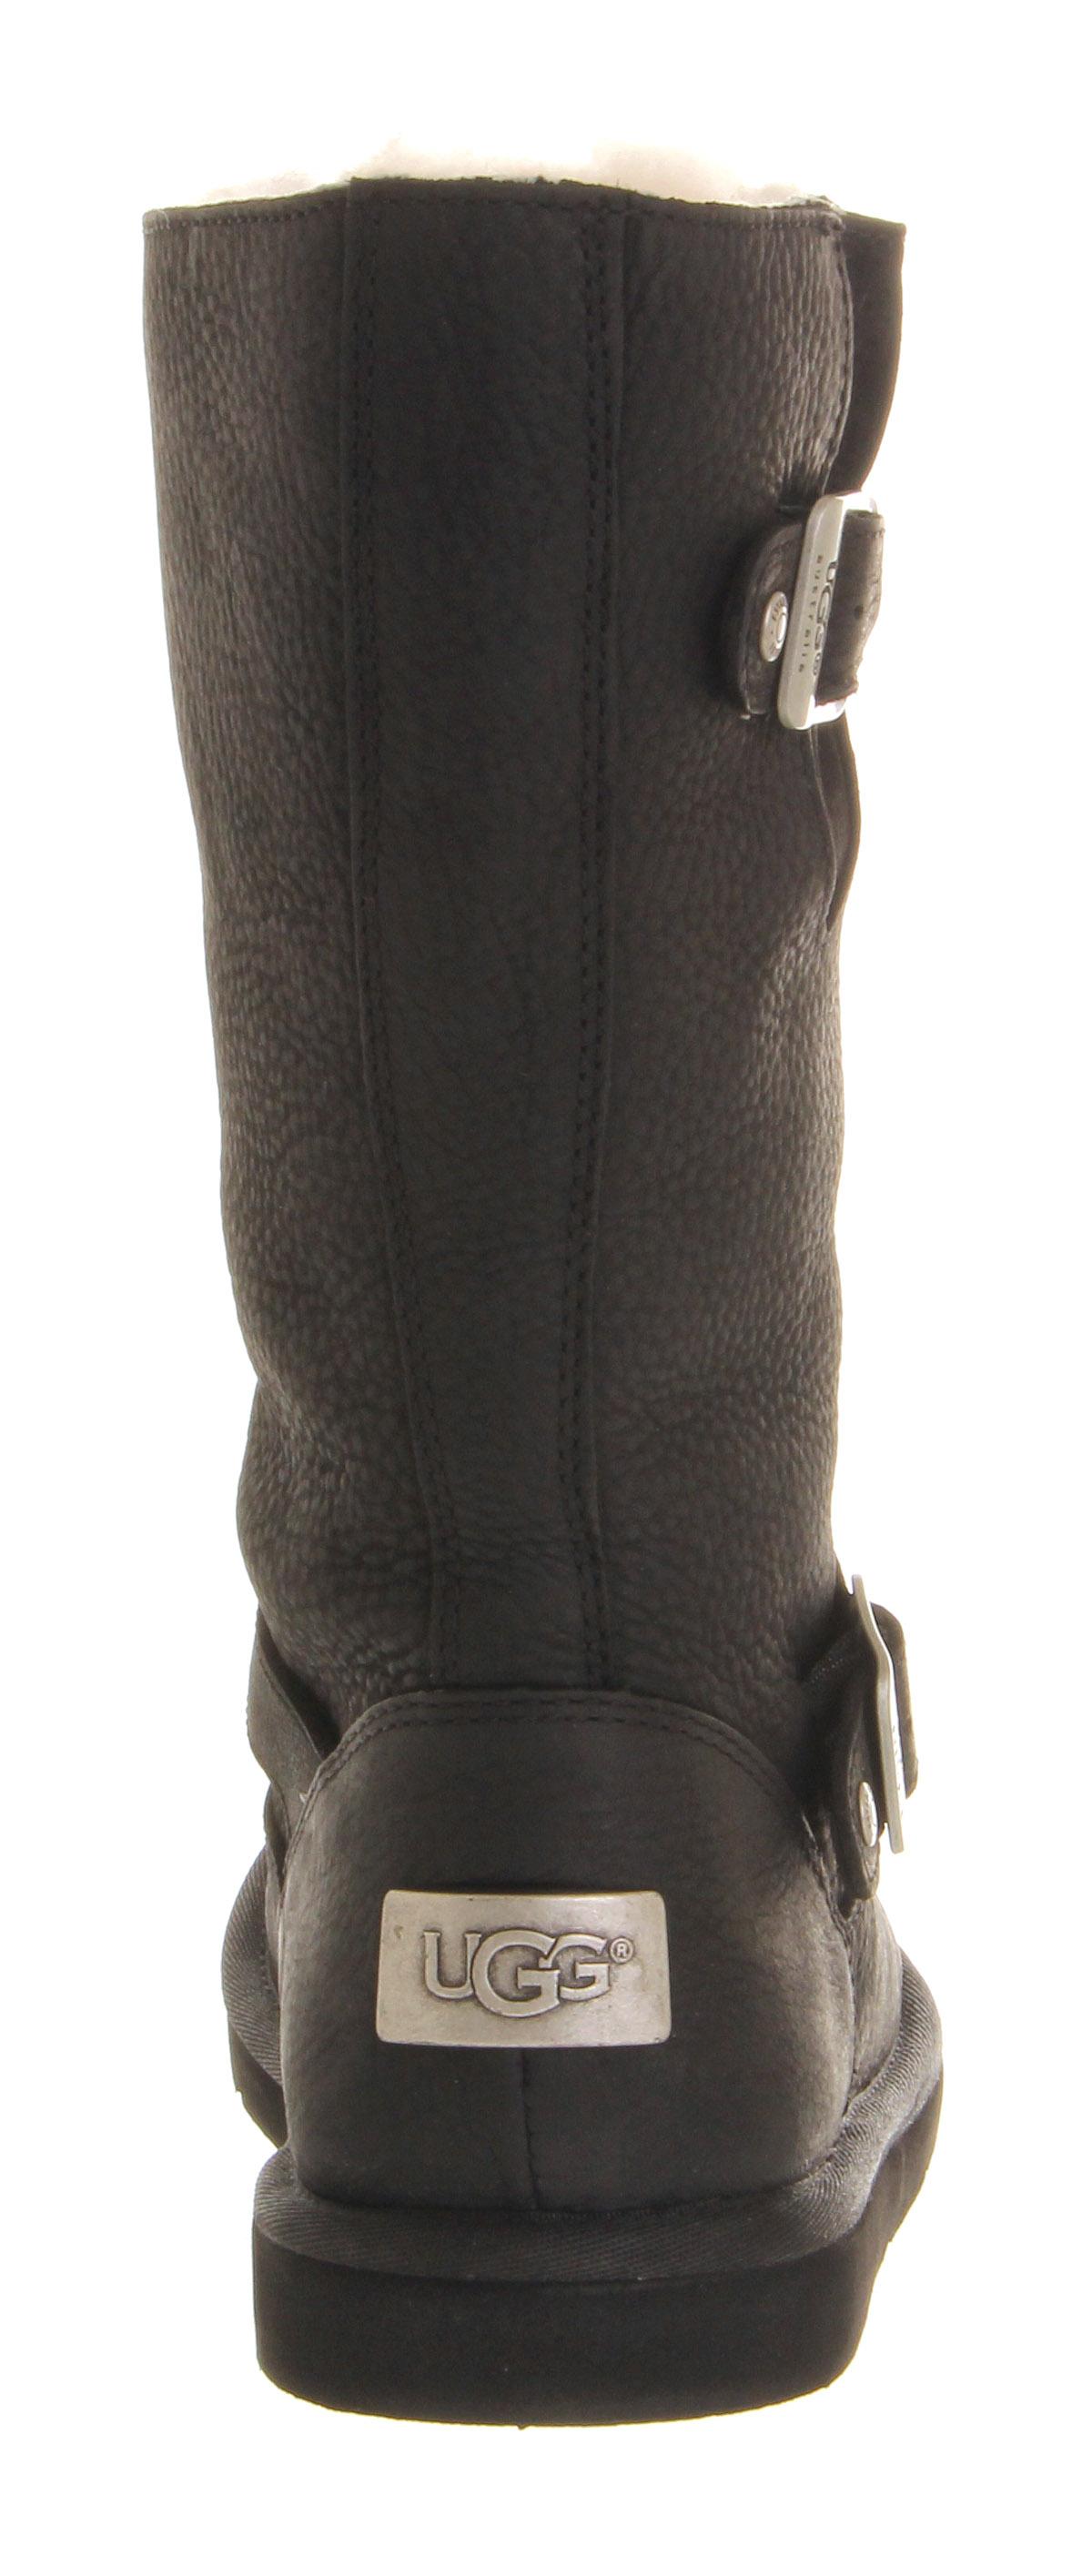 ugg kensington black boots